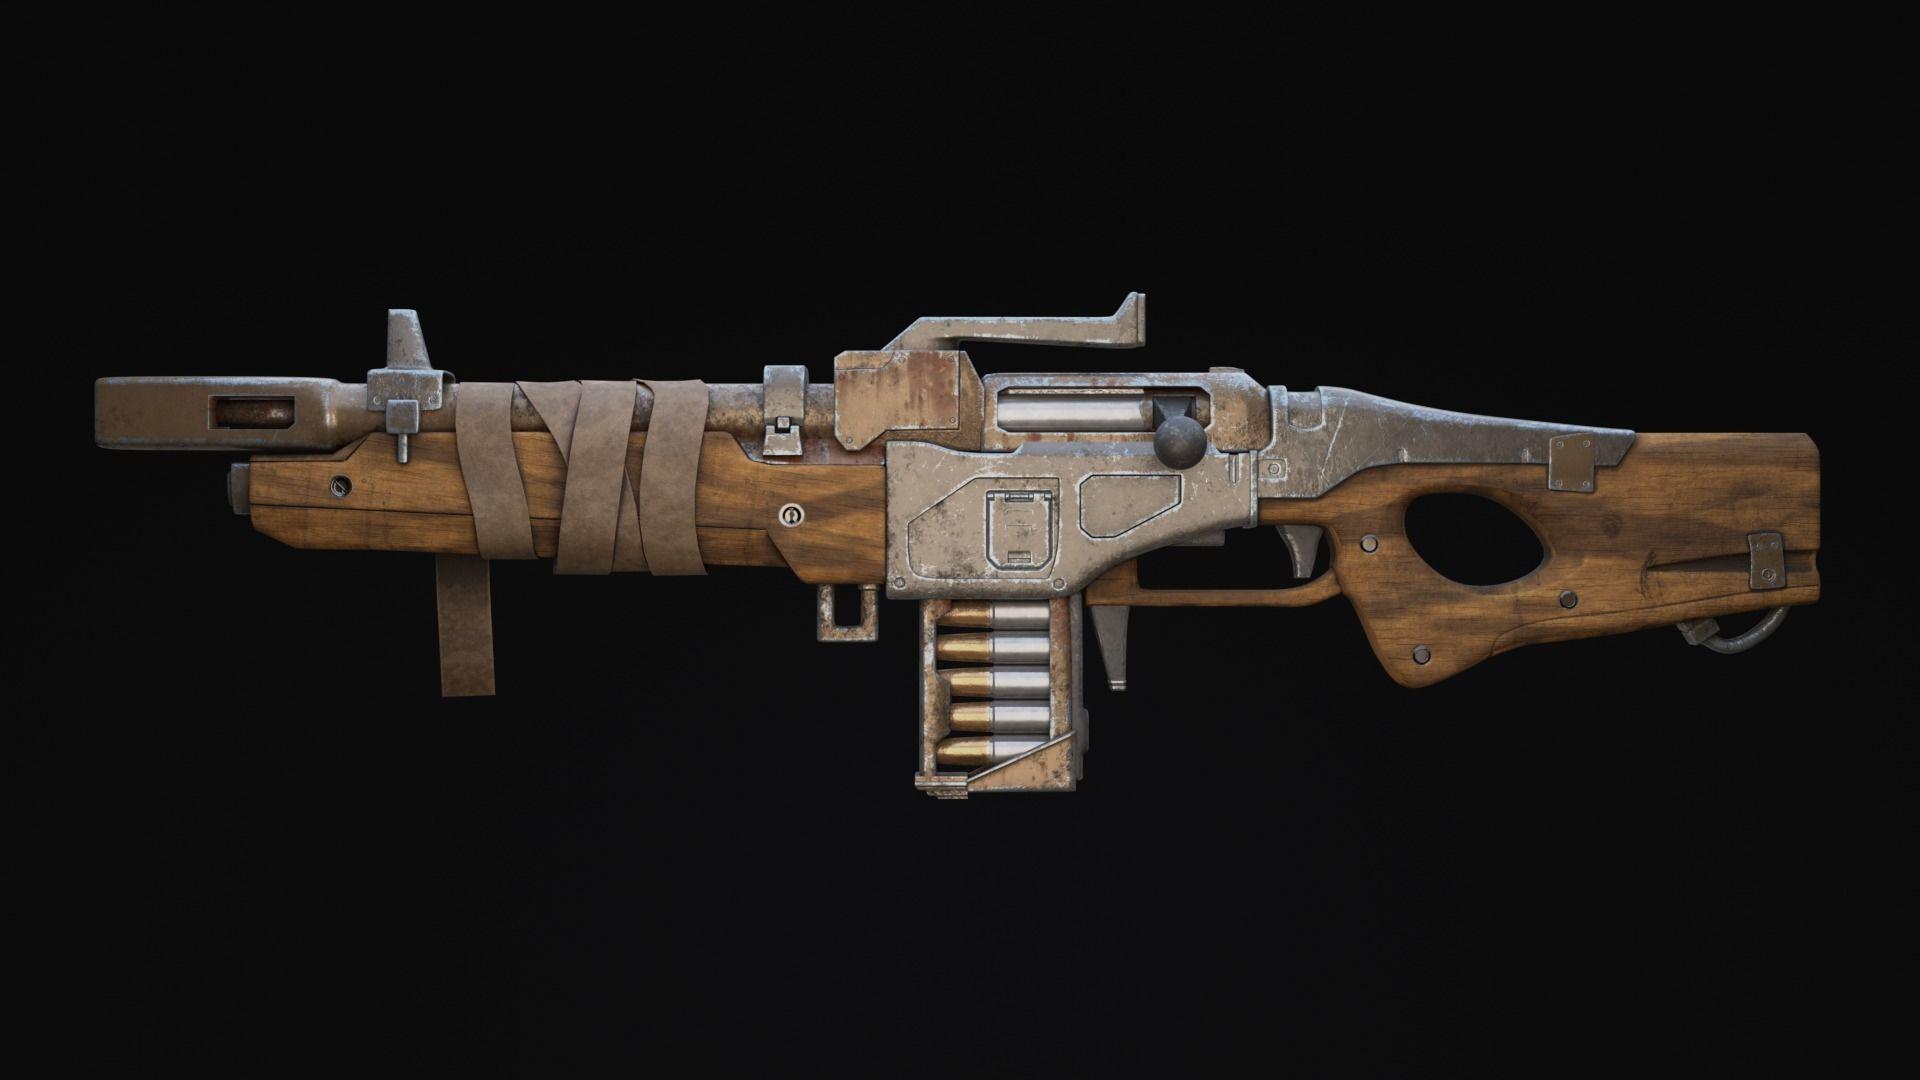 Rifle Sci-Fi Post Apocalypse Game Ready